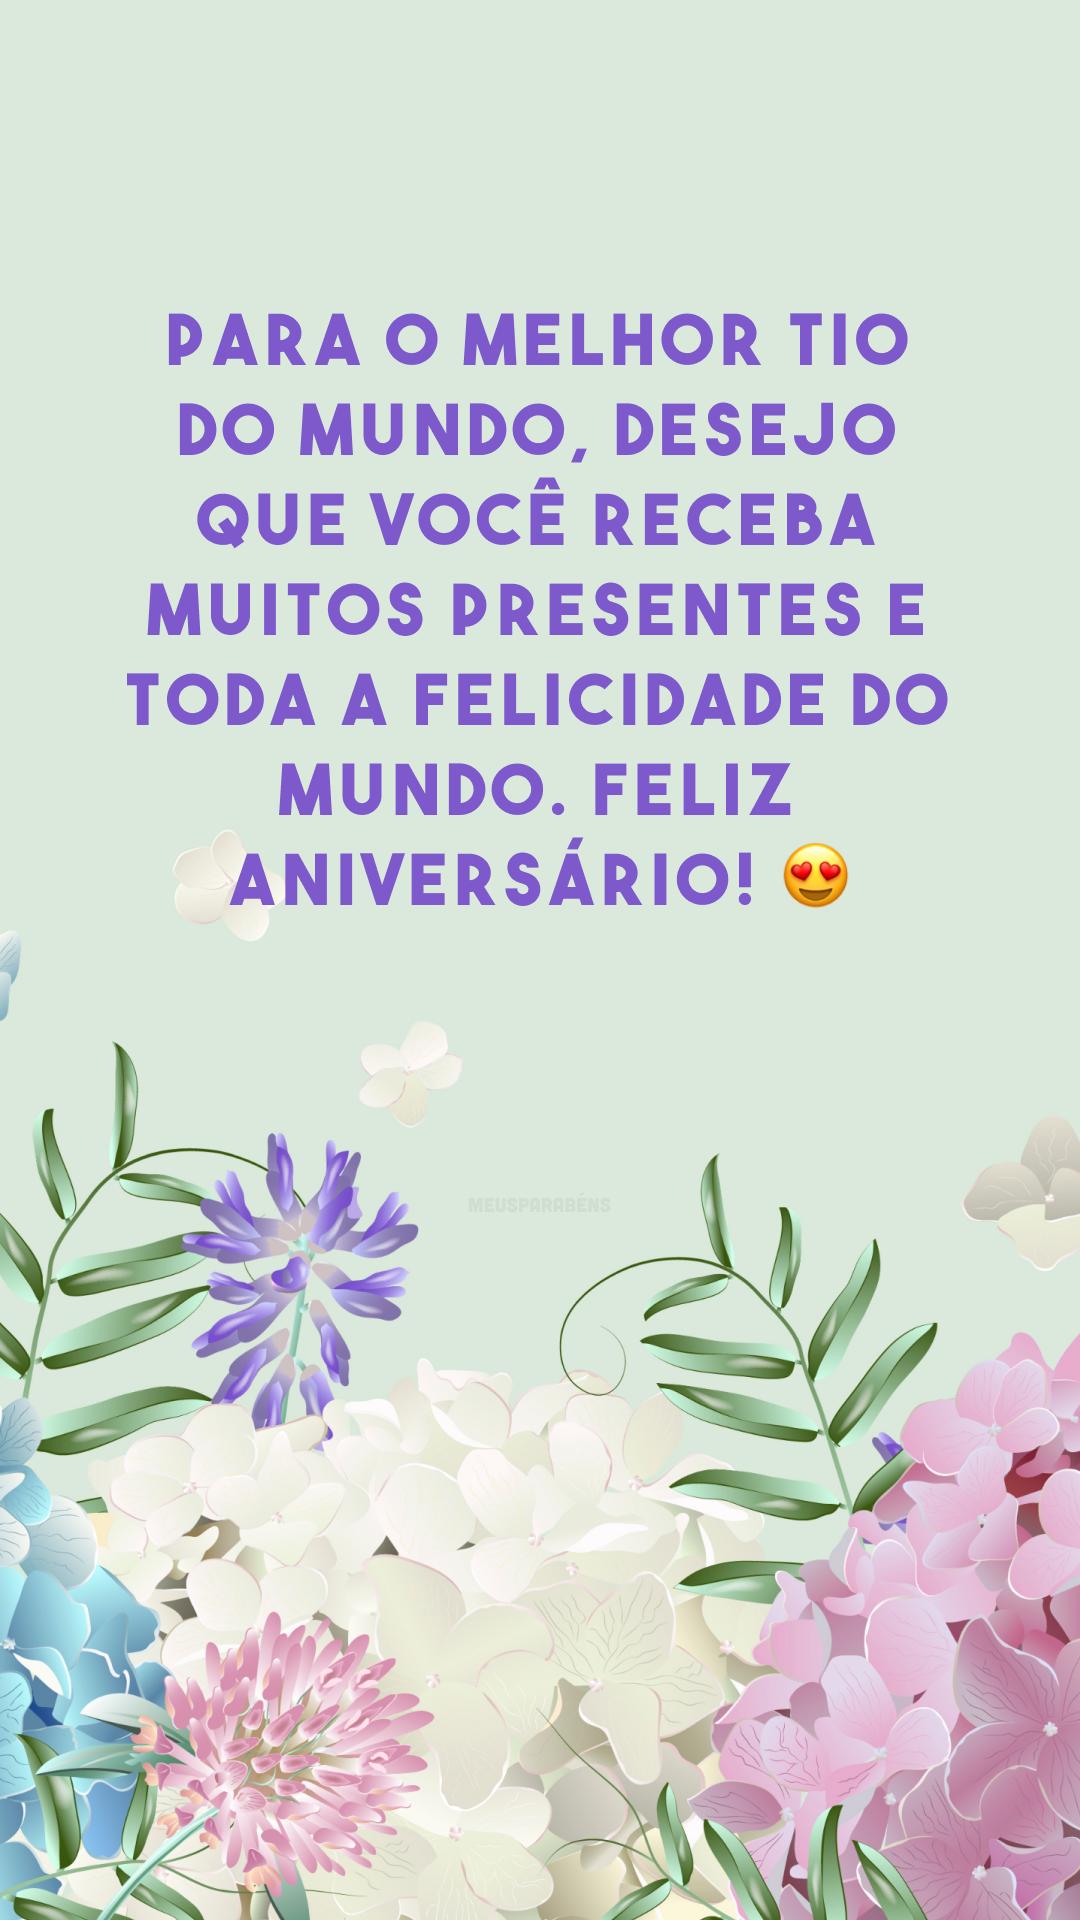 Para o melhor tio do mundo, desejo que você receba muitos presentes e toda a felicidade do mundo. Feliz aniversário! ?